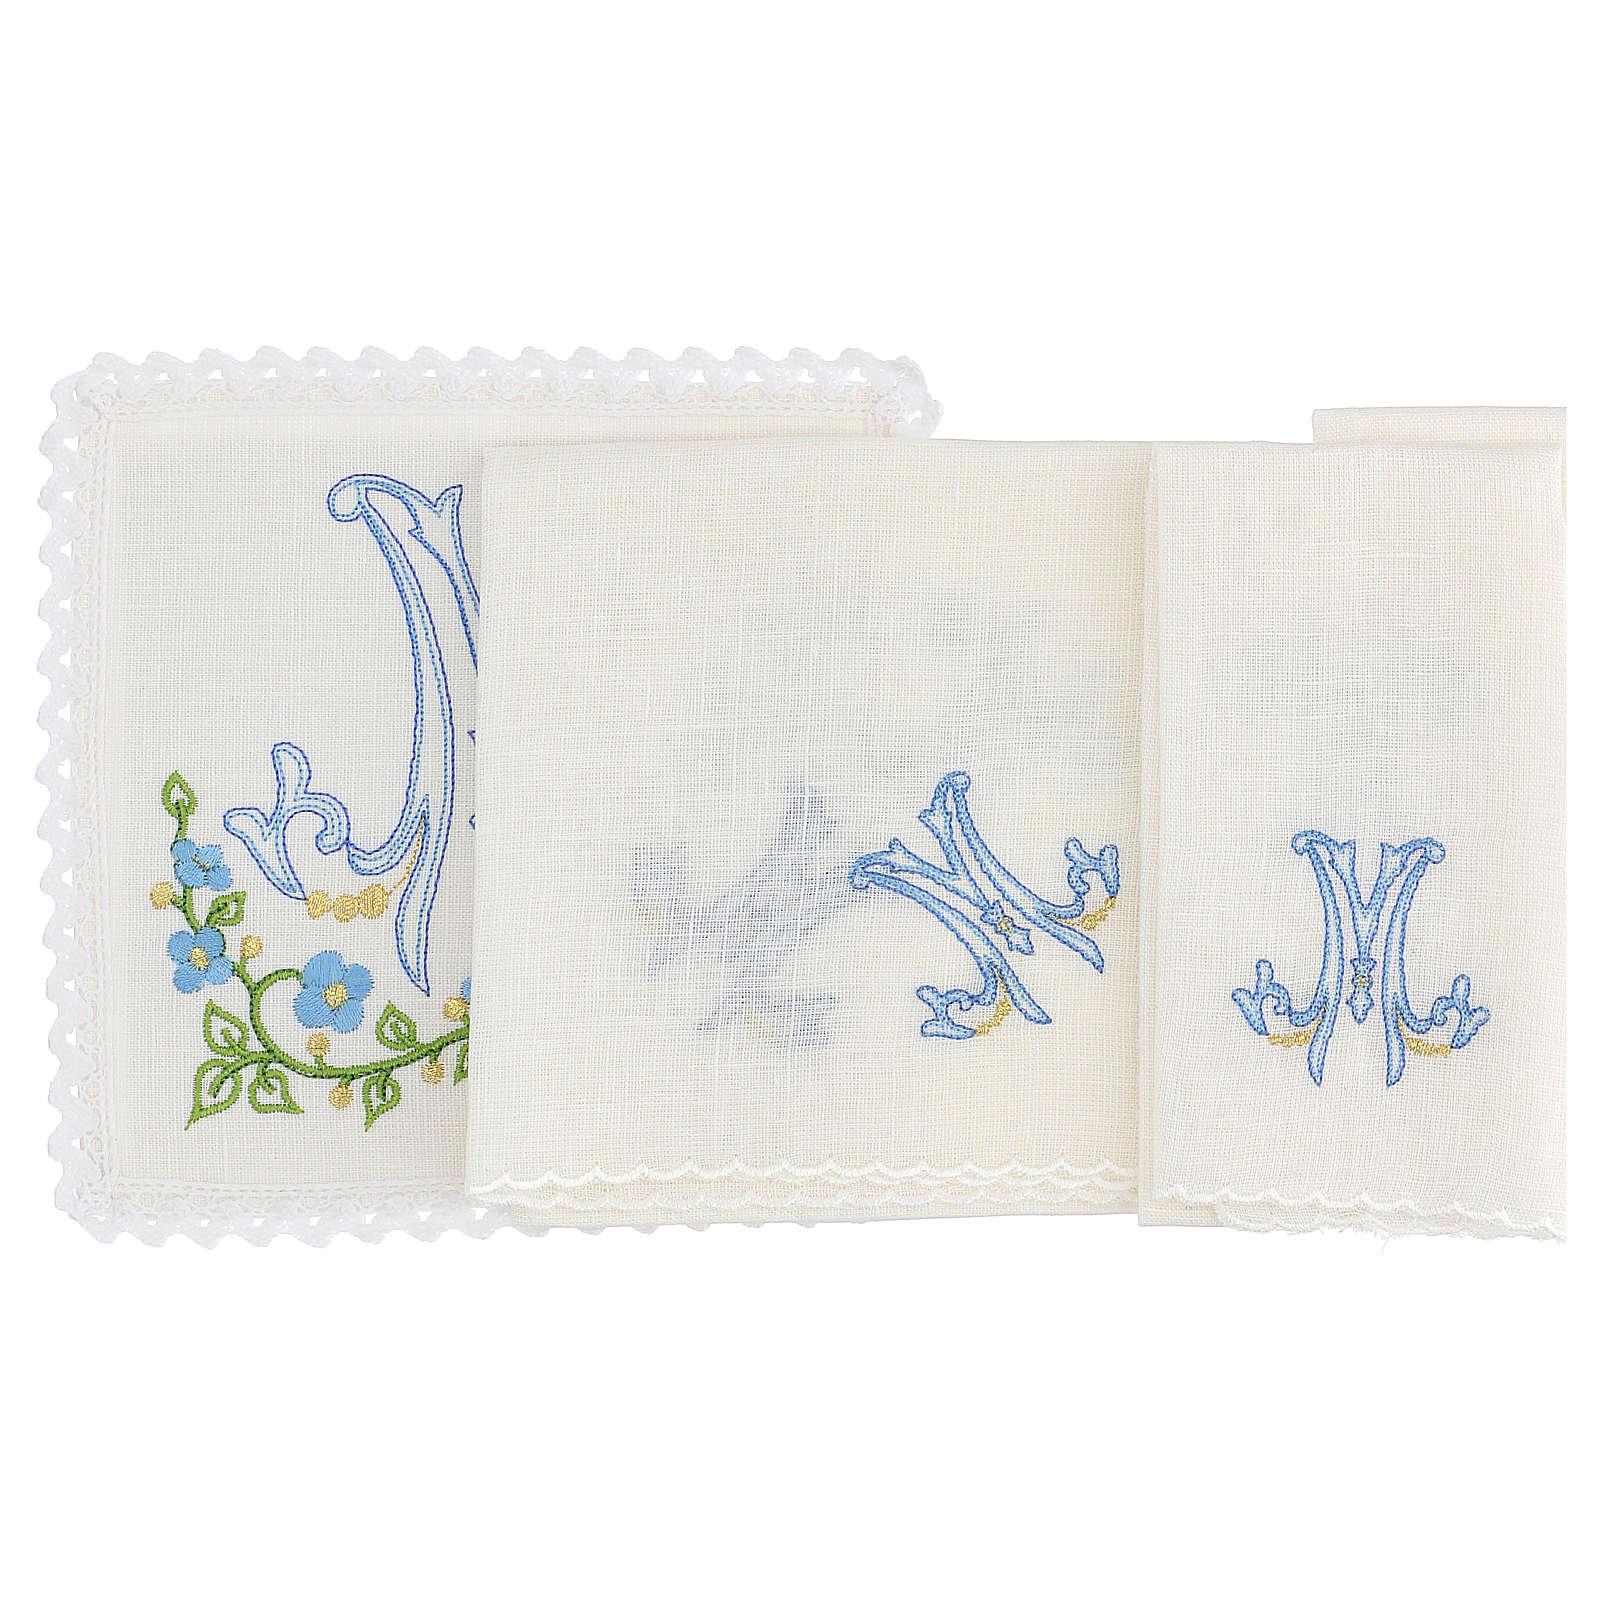 Conjunto alfaia litúrgica 100% linho símbolo mariano azul 4